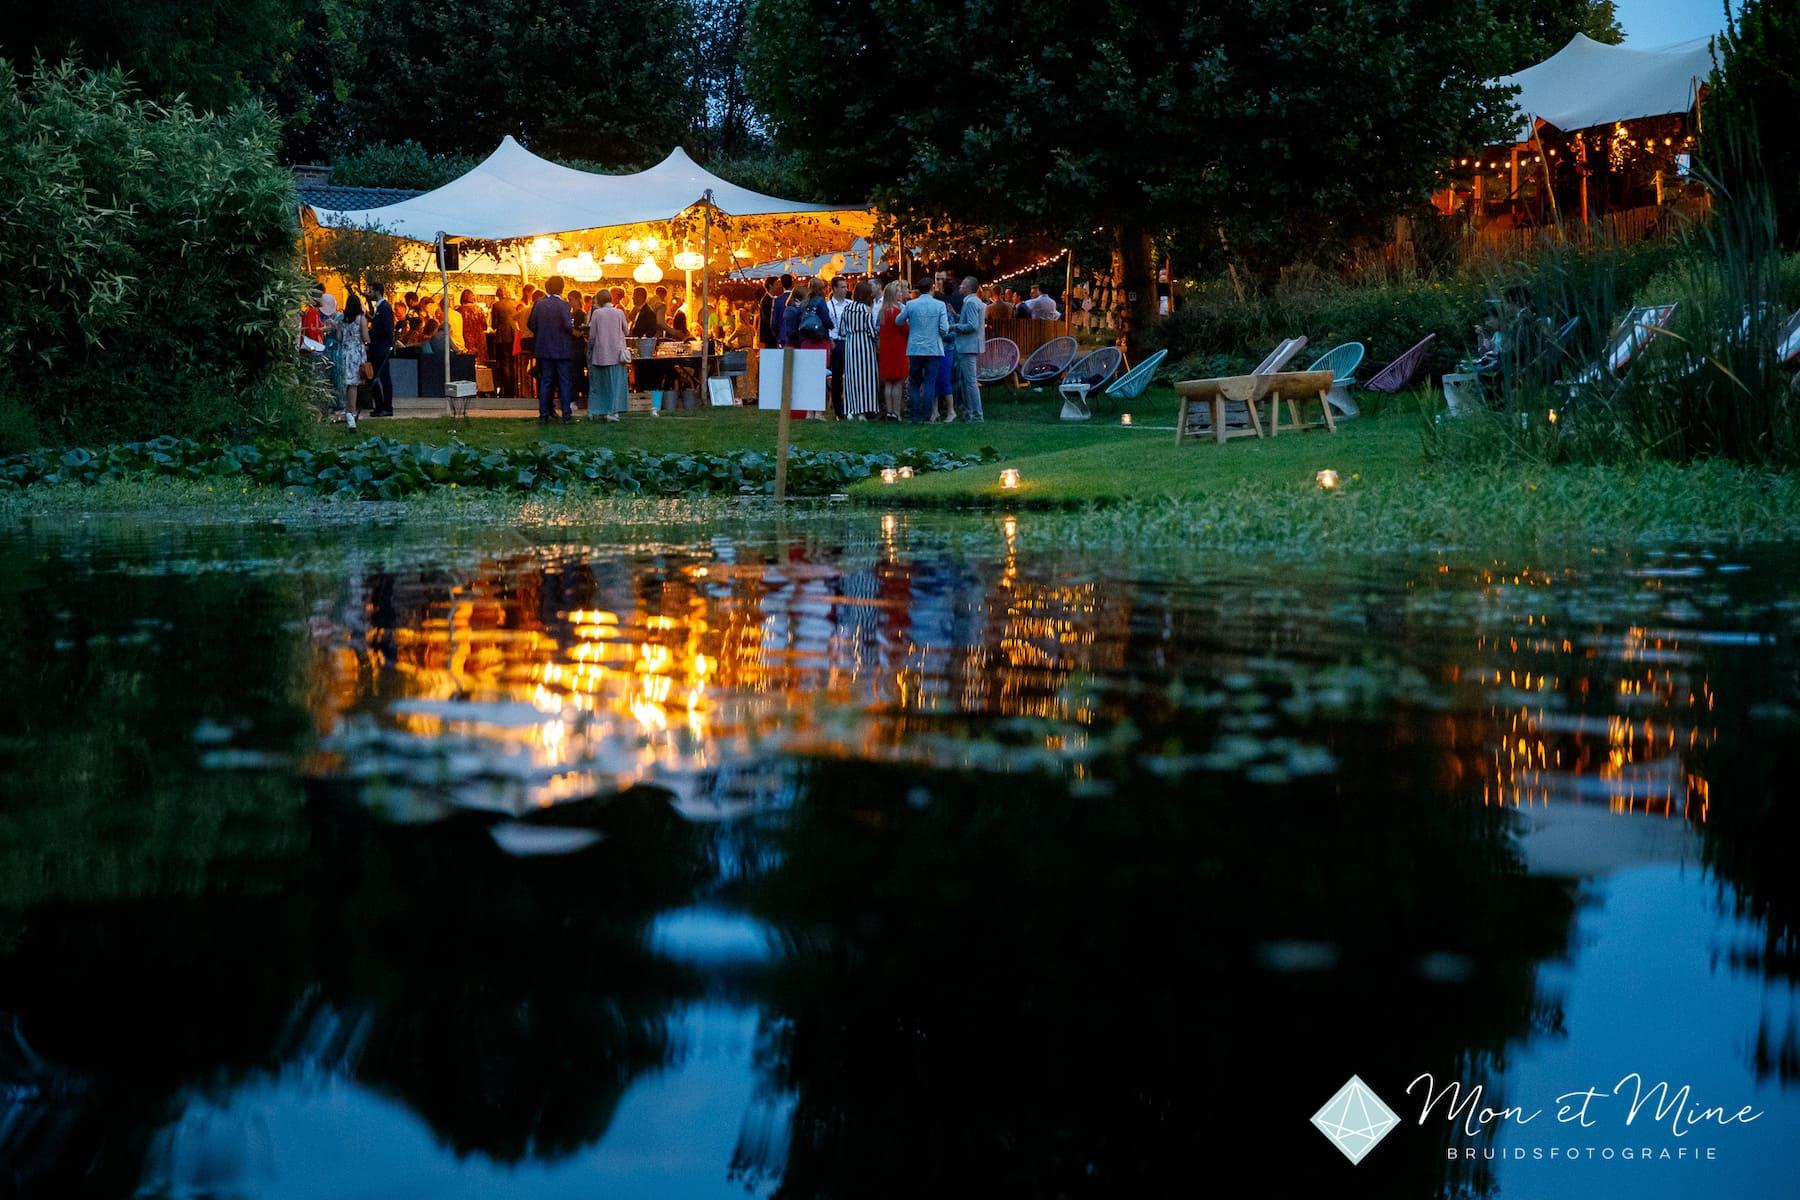 Feest Park Ven chalet buitenbar vijver natuur idyllisch Diepenbeek